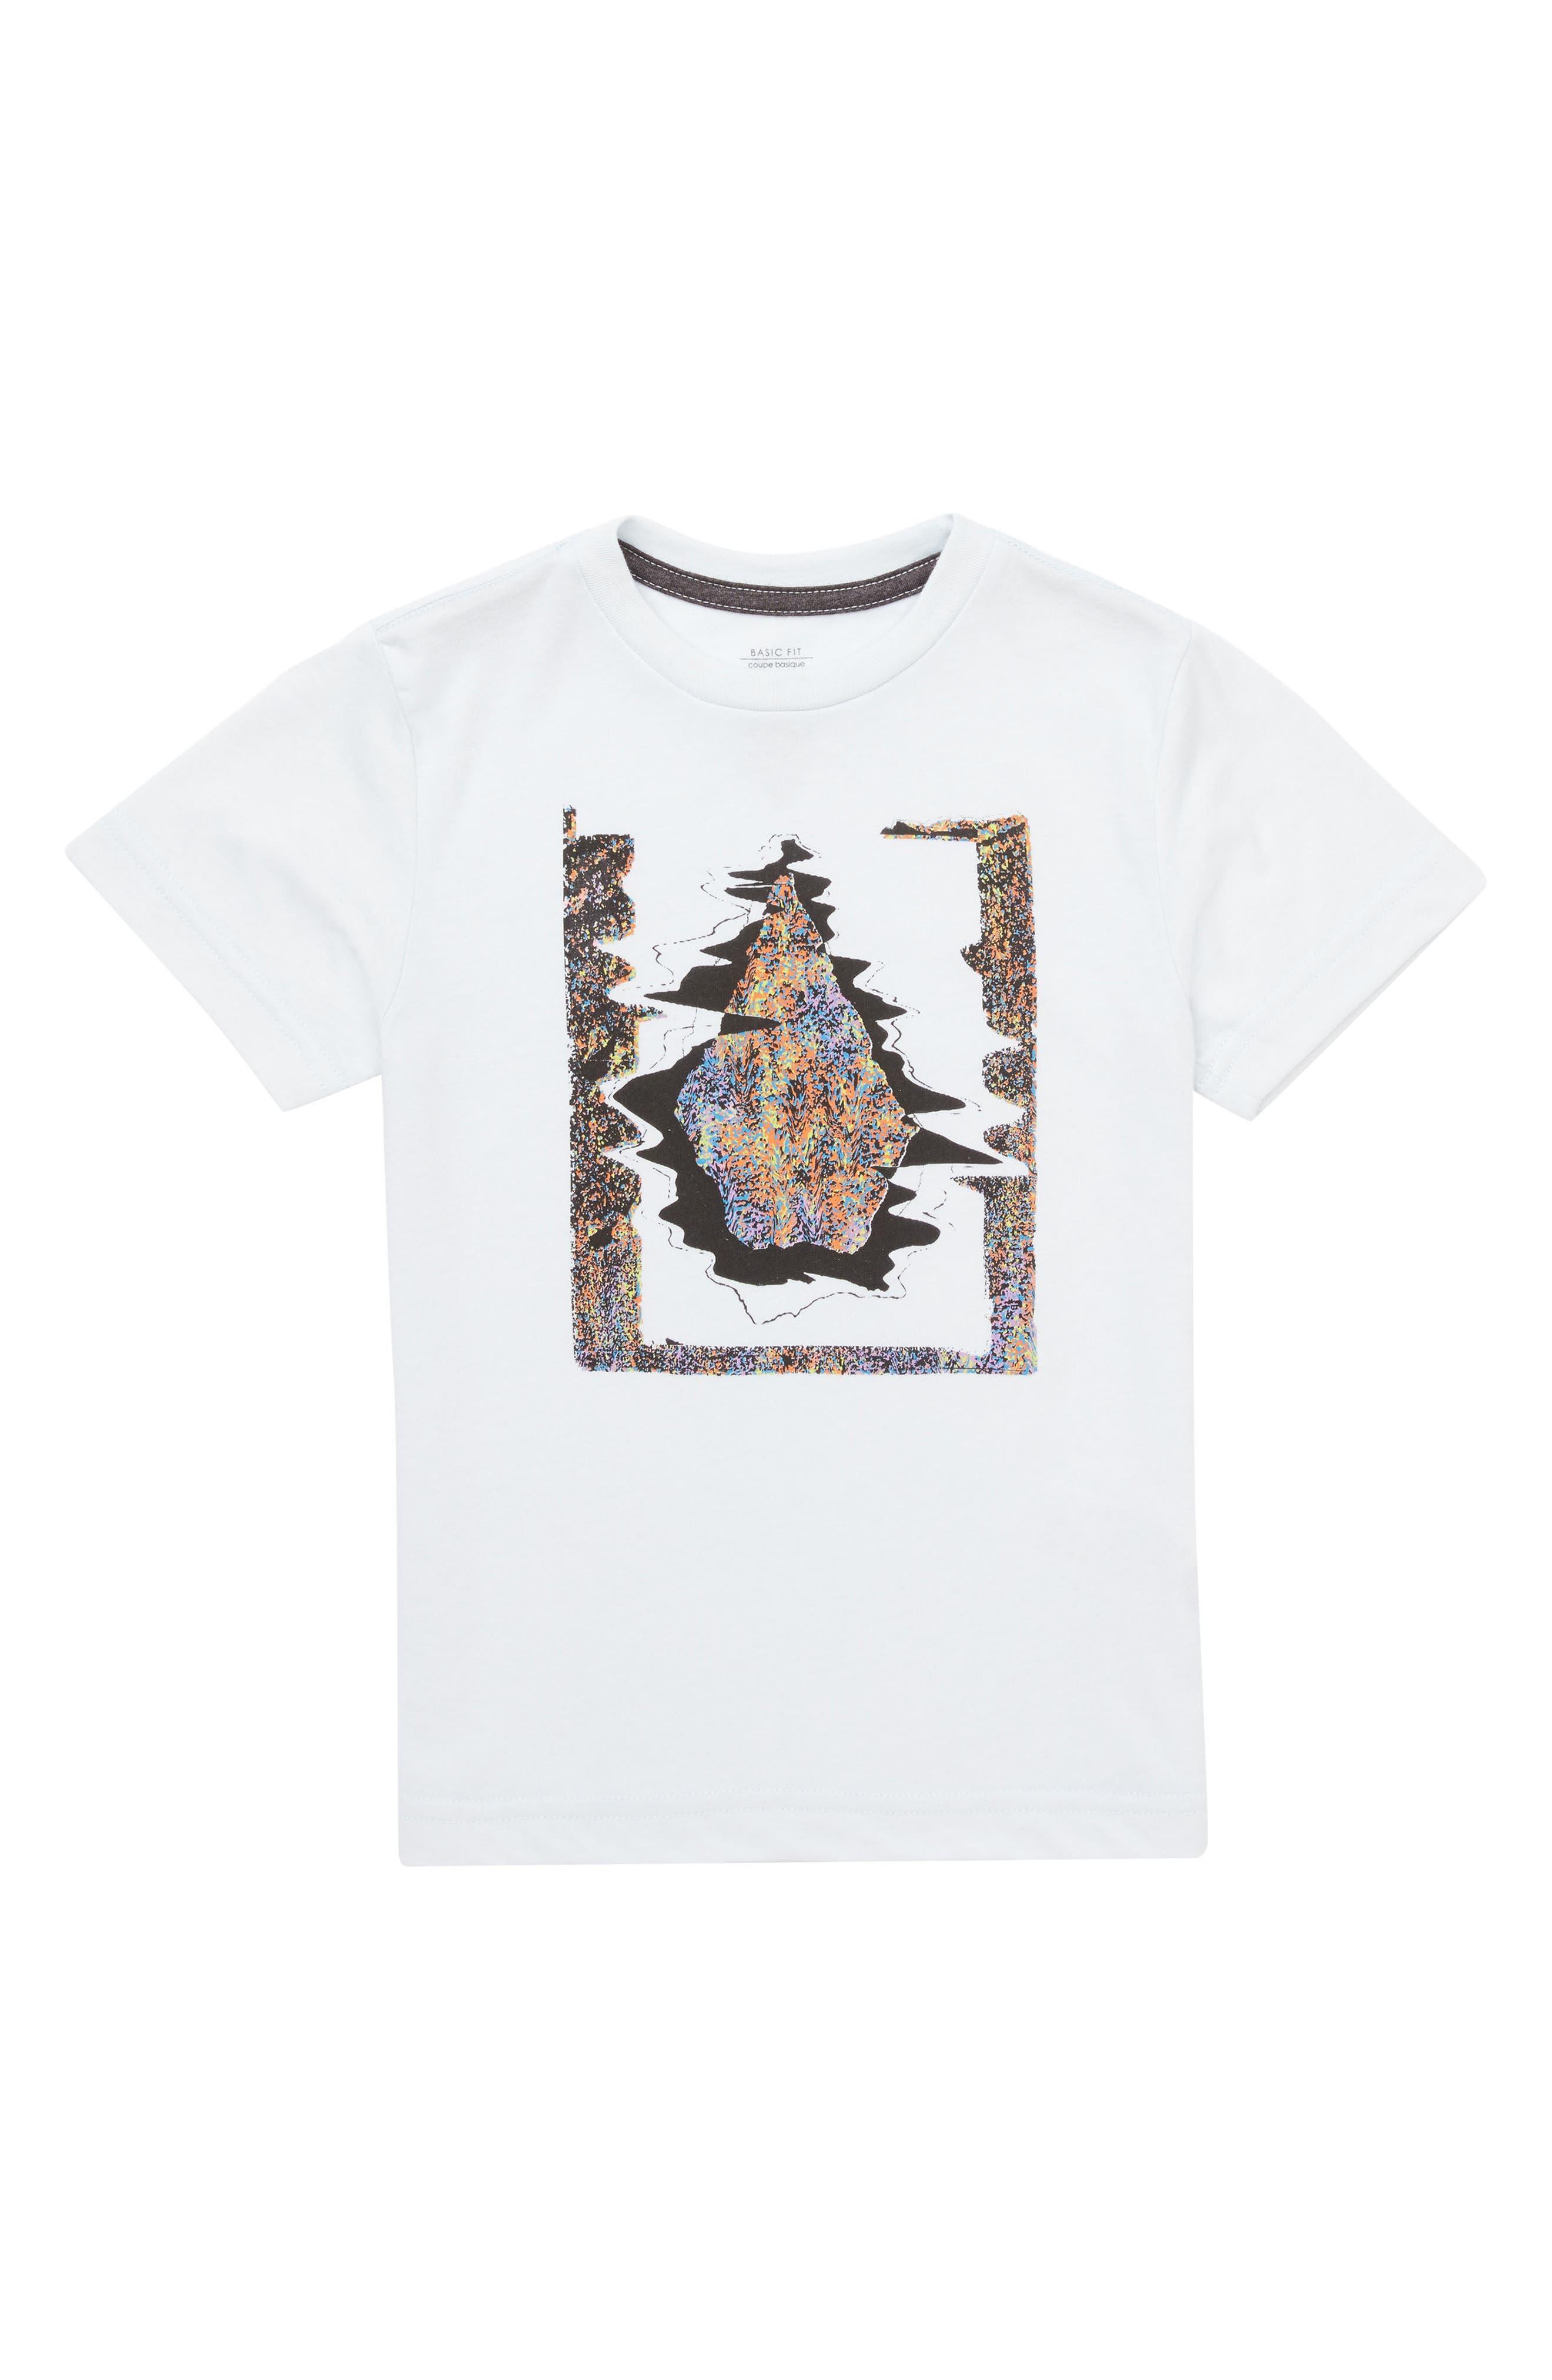 Statiq Graphic T-Shirt,                             Main thumbnail 1, color,                             White